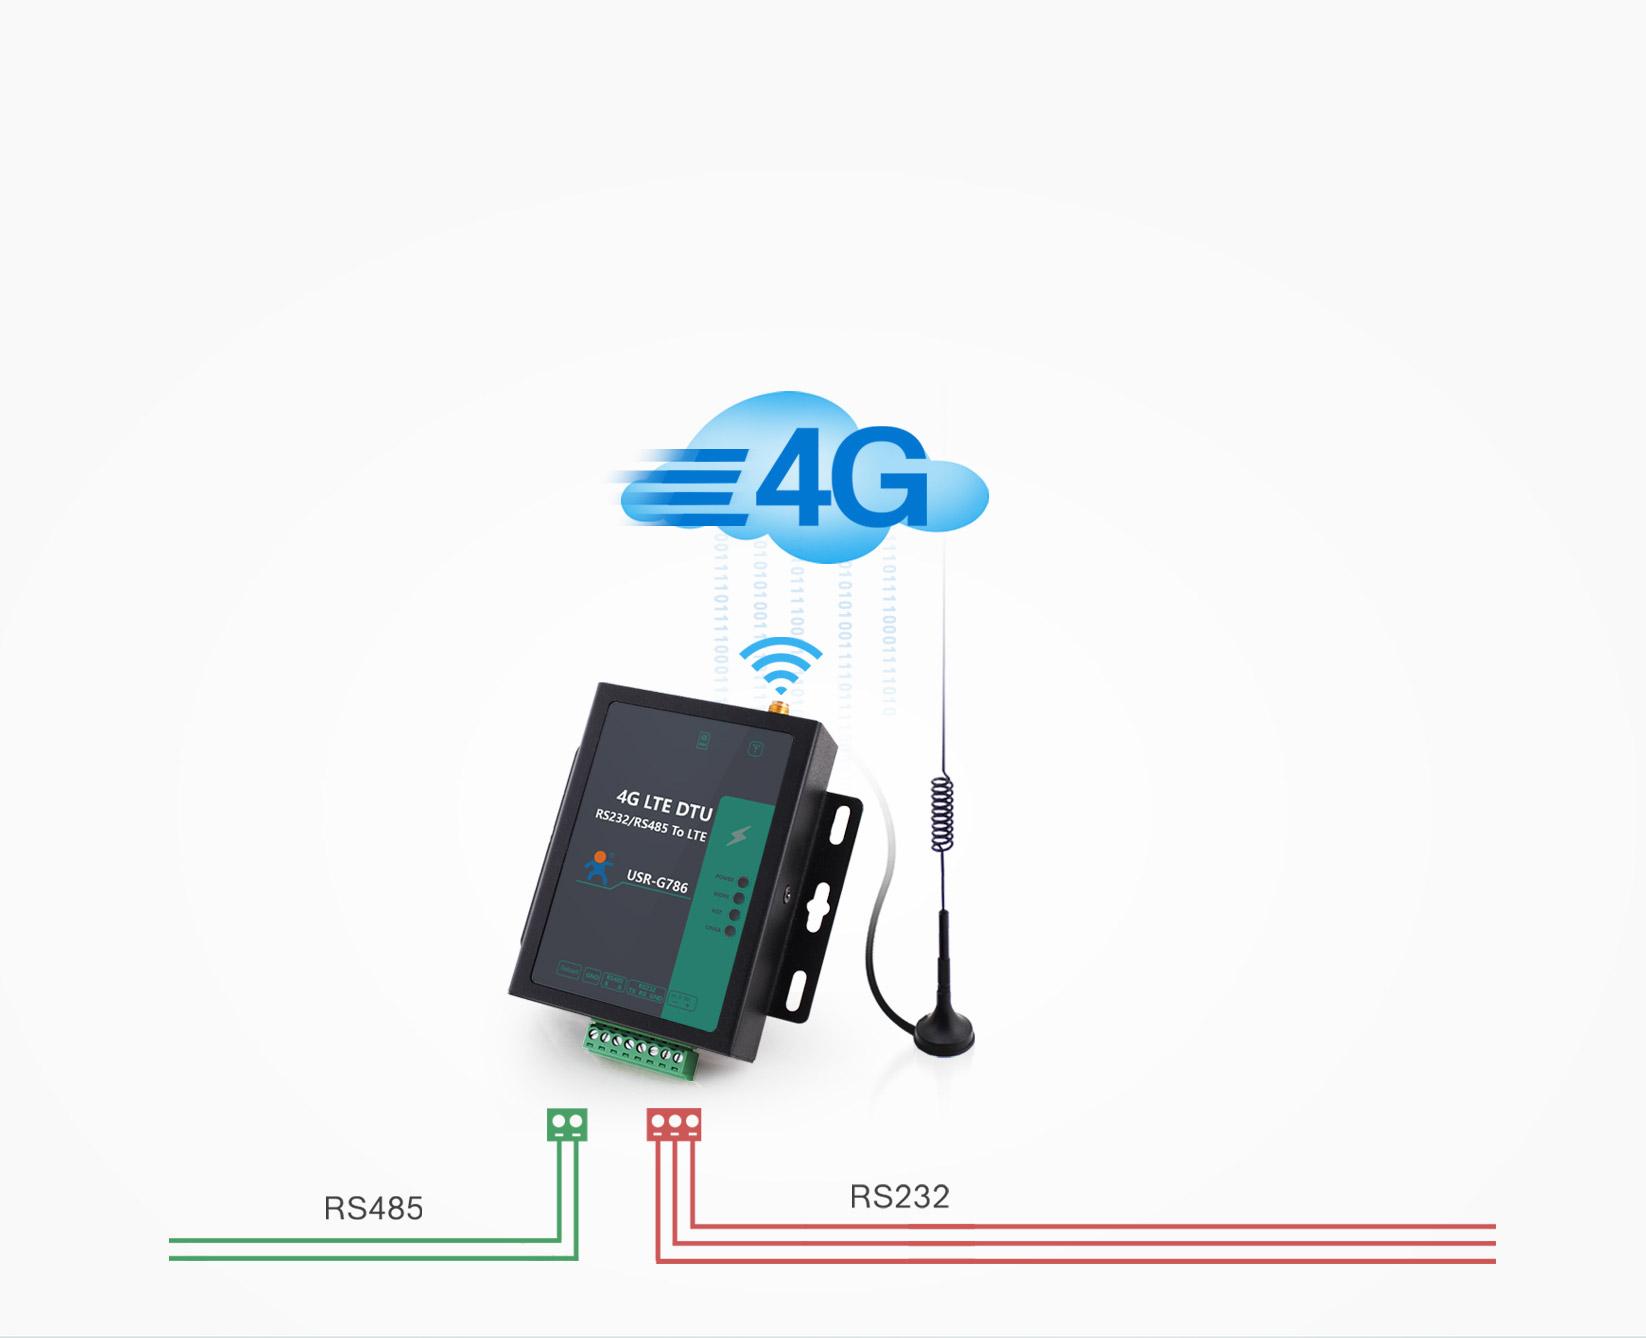 Basic function of Cellular 4G LTE Modem USR-G786-E